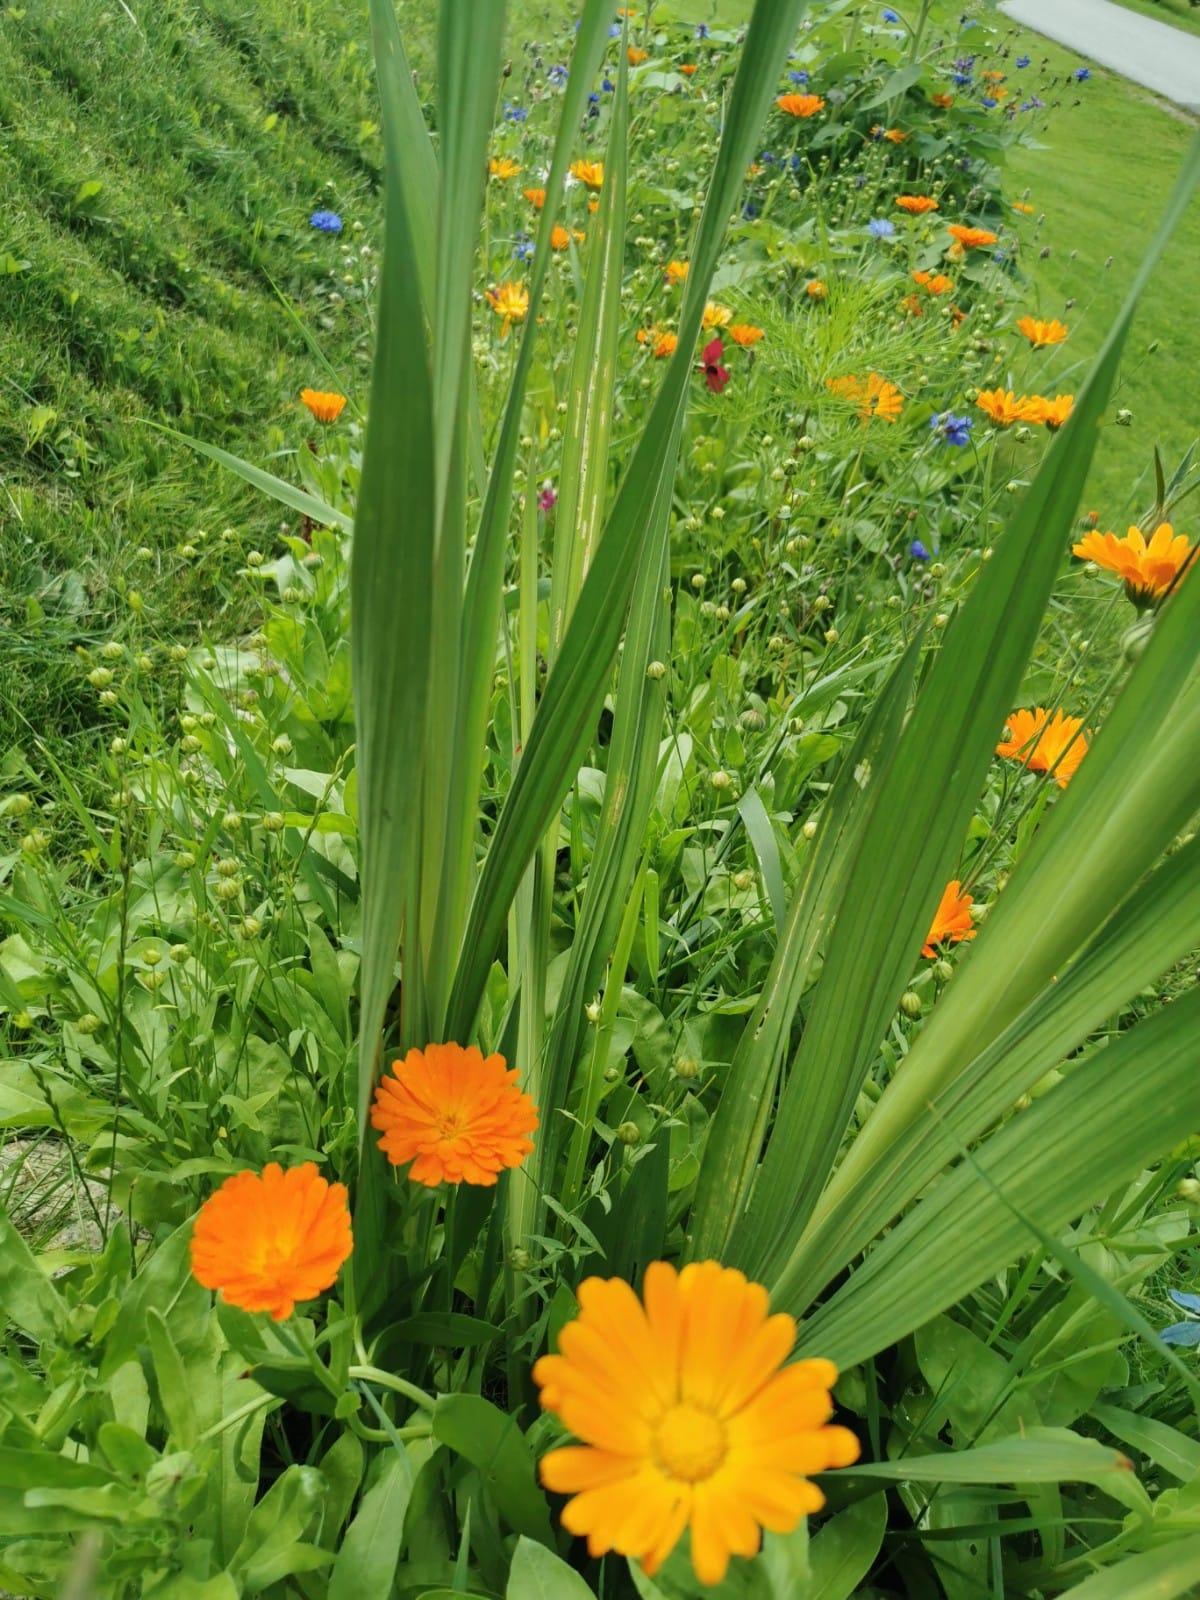 Blühstreifen am Bienenstand - Bio Imkerei Bramreither - Mühlviertel - Rohrbach - Helfenberg - Penning - orange Blumen